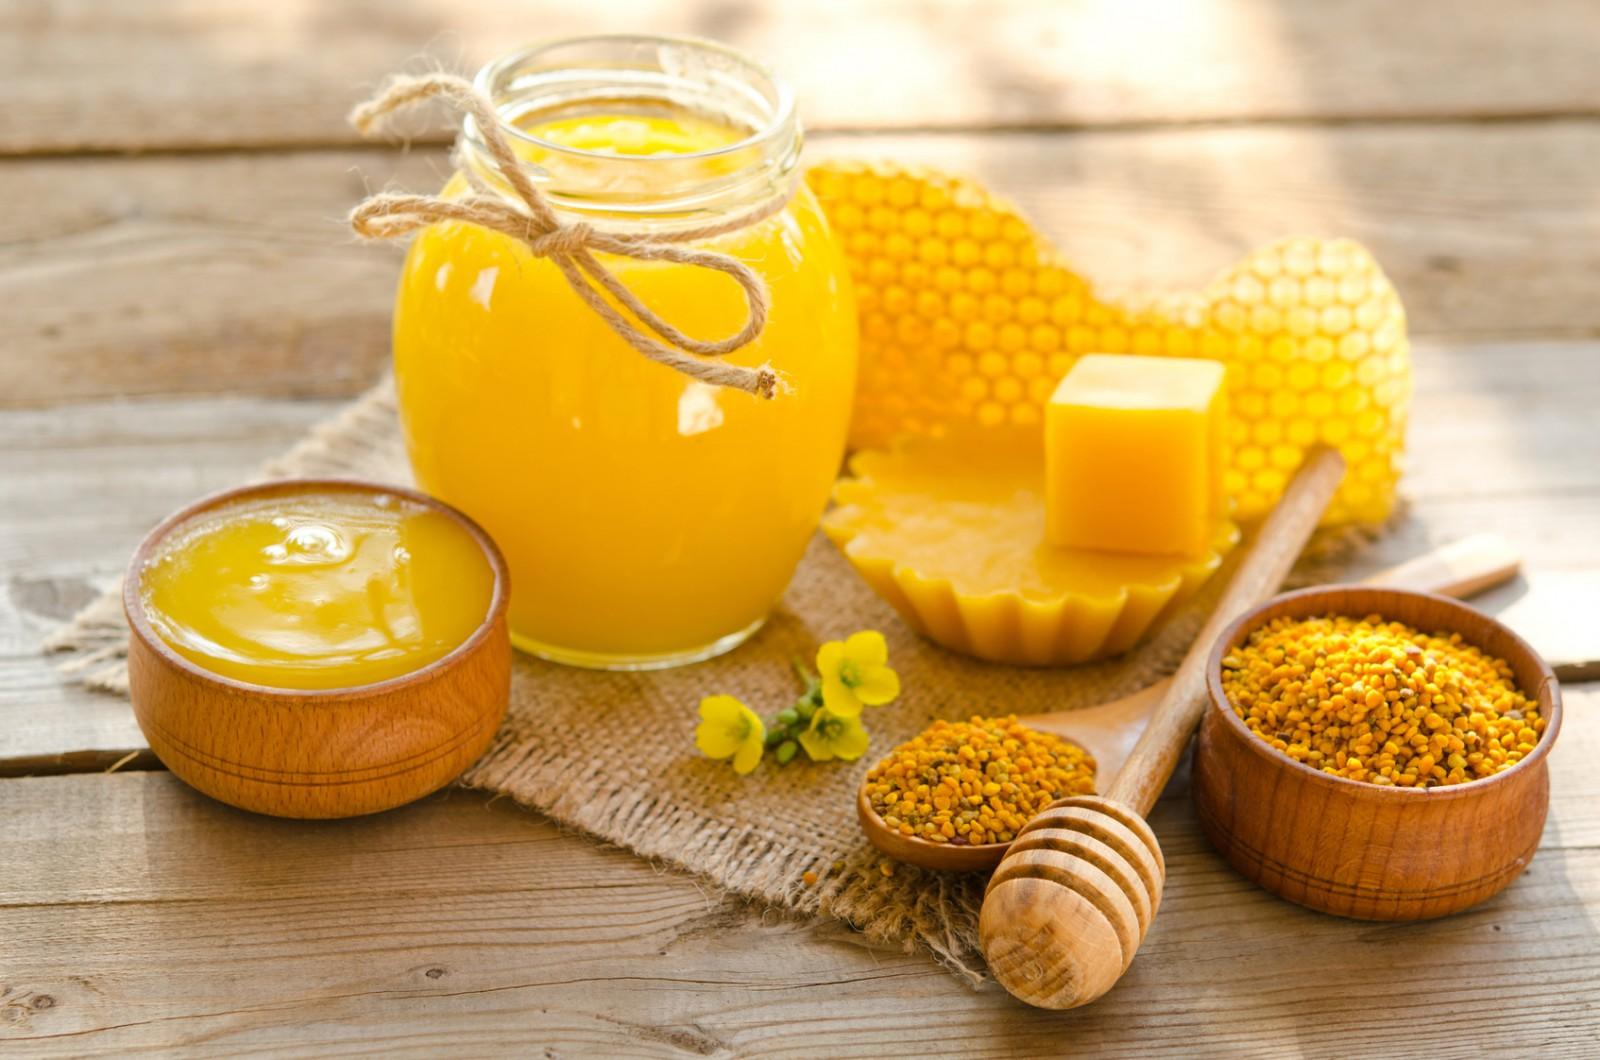 Ceara de albine, beneficii uimitoare pentru ten: Motivele pentru care să o foloseşti mai des